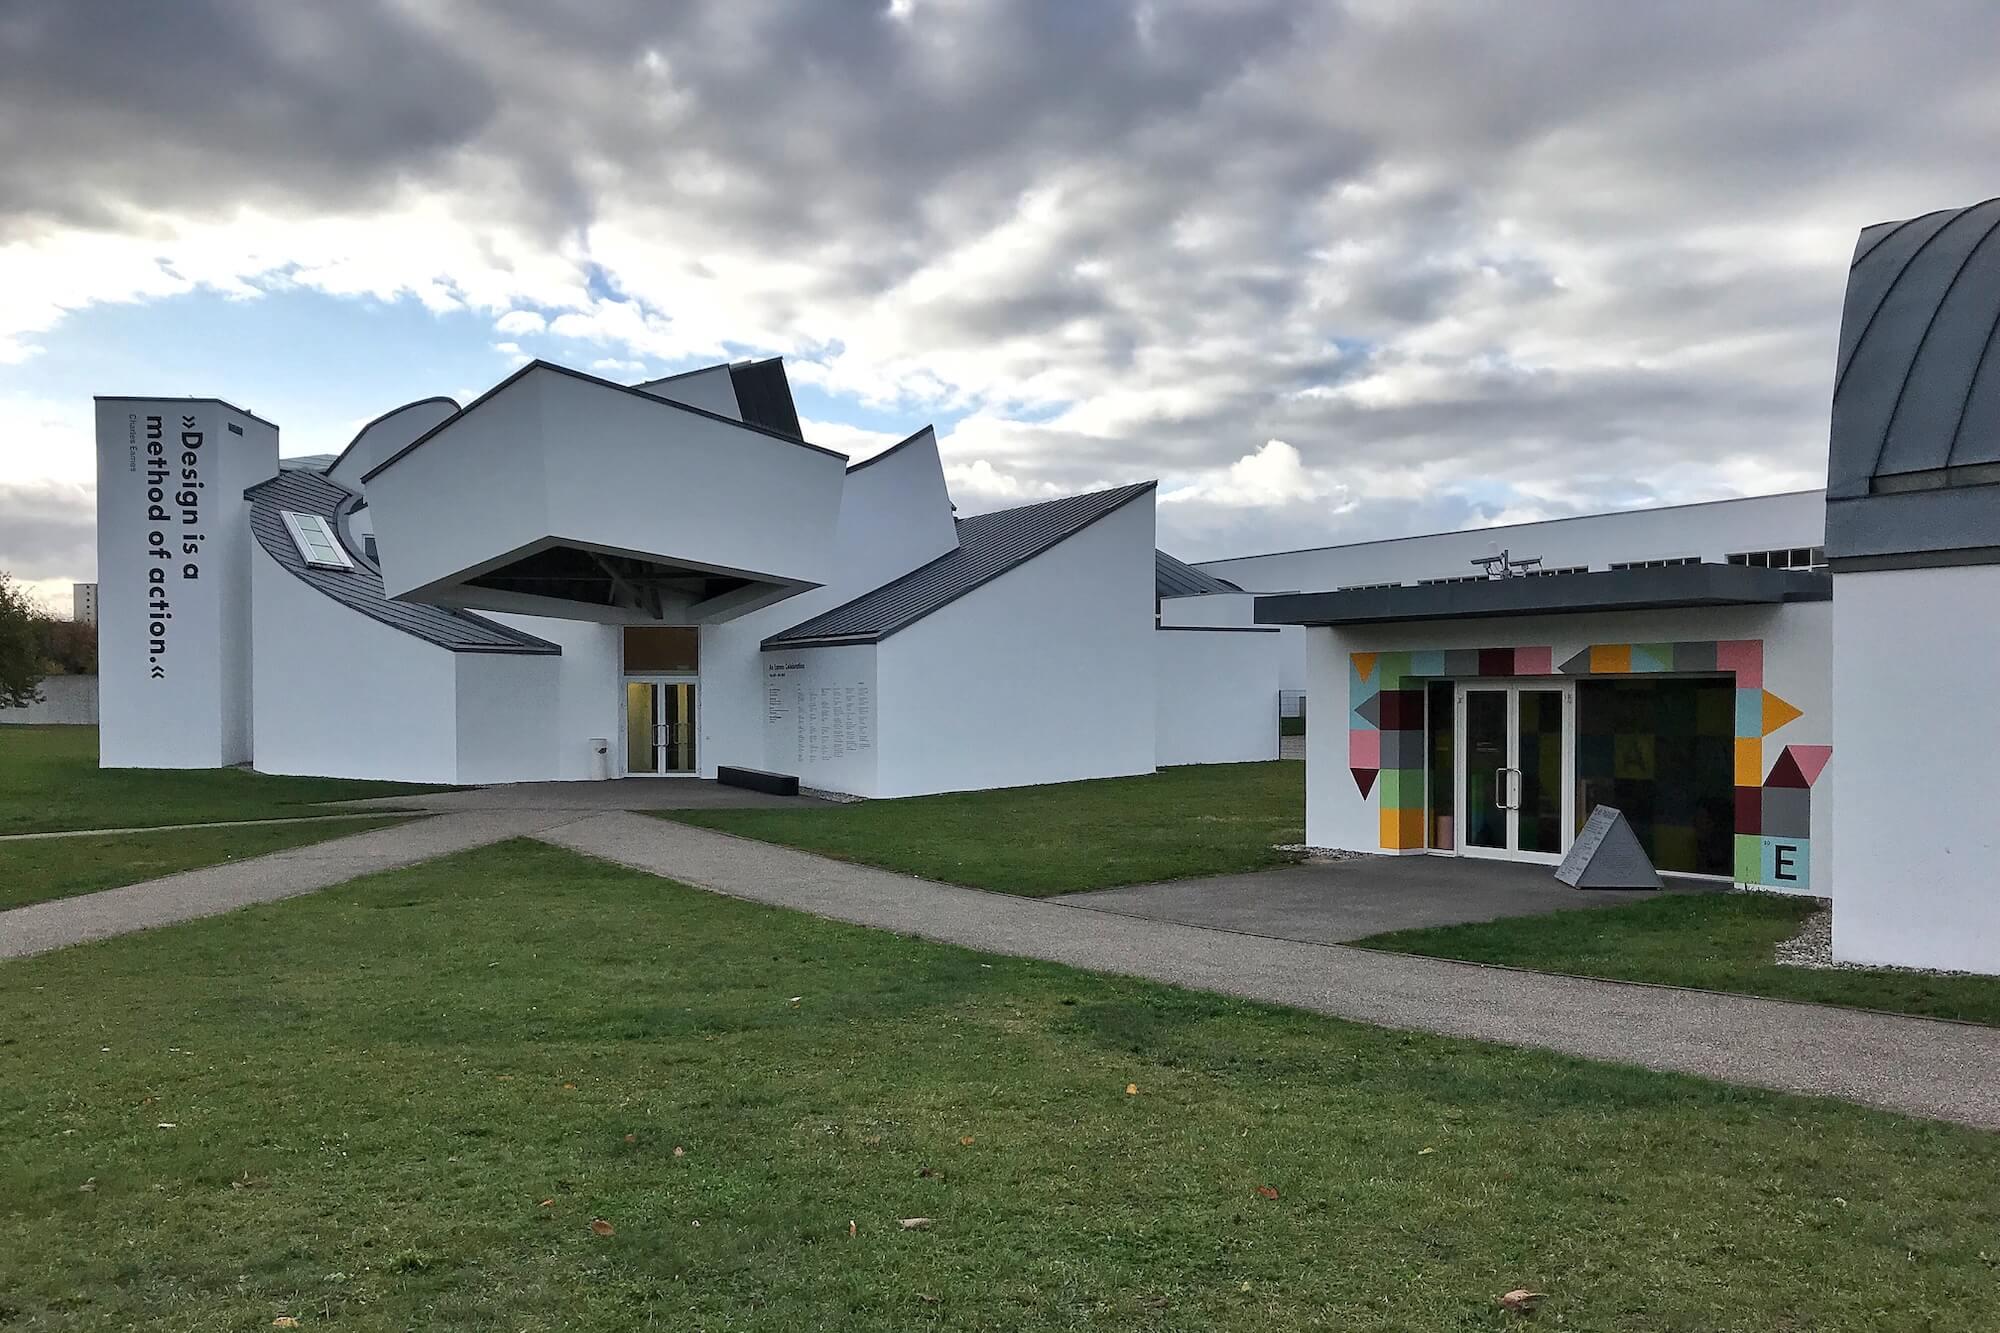 Mit der Bauhaus-Ausstellung unter #allesistdesign zeigt das Vitra Design Museum, wie Hashtags als Stilelement im Museum eingesetzt werden.